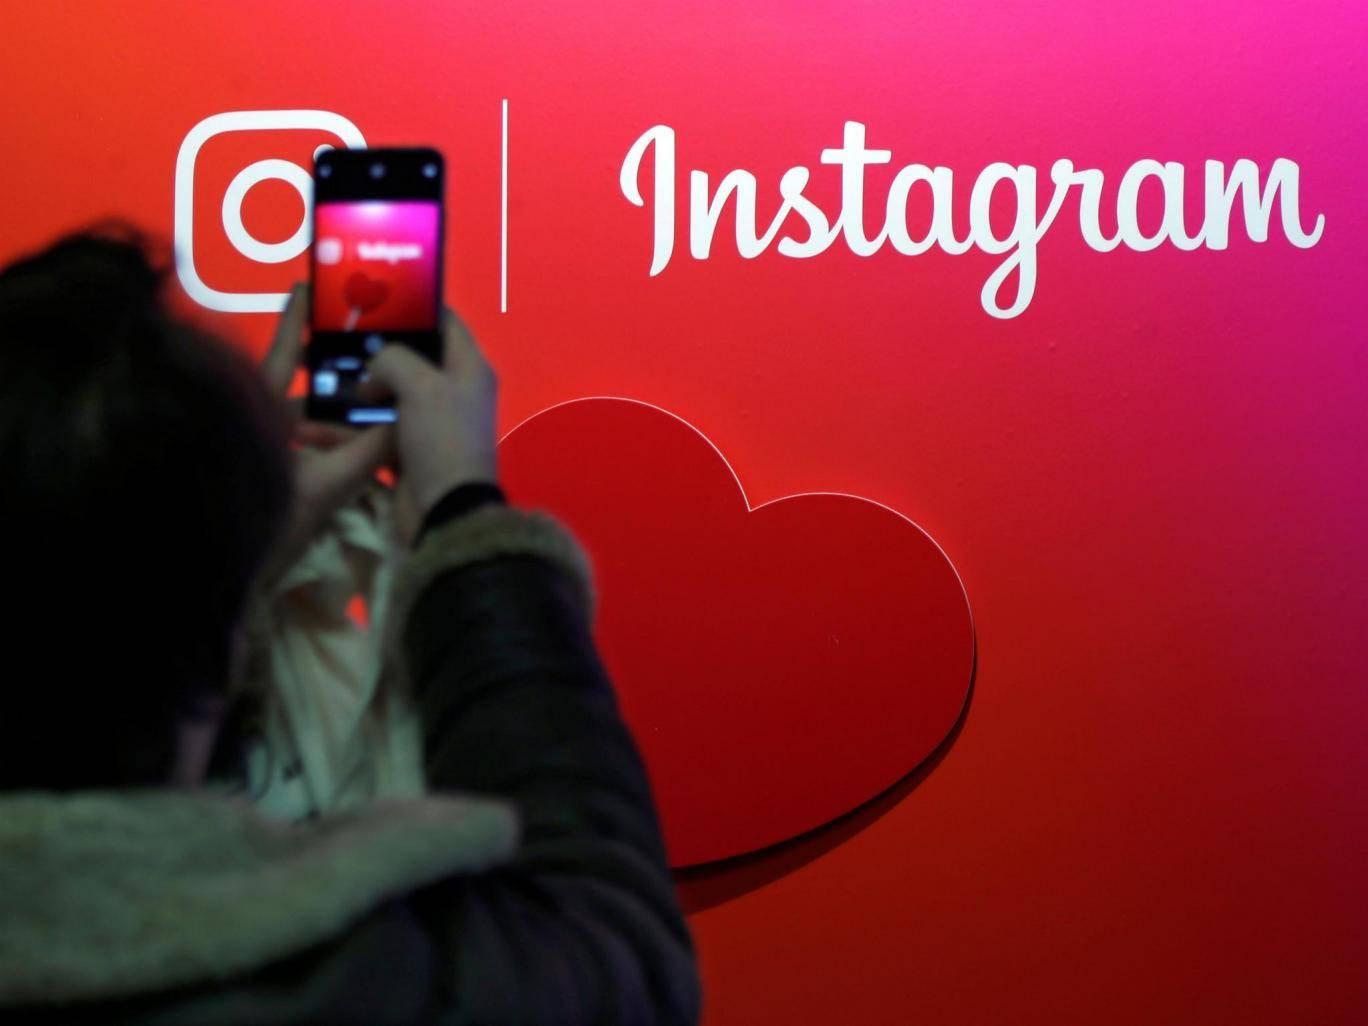 Les captures d'écran discrètes sur Instagram, c'est bientôt fini